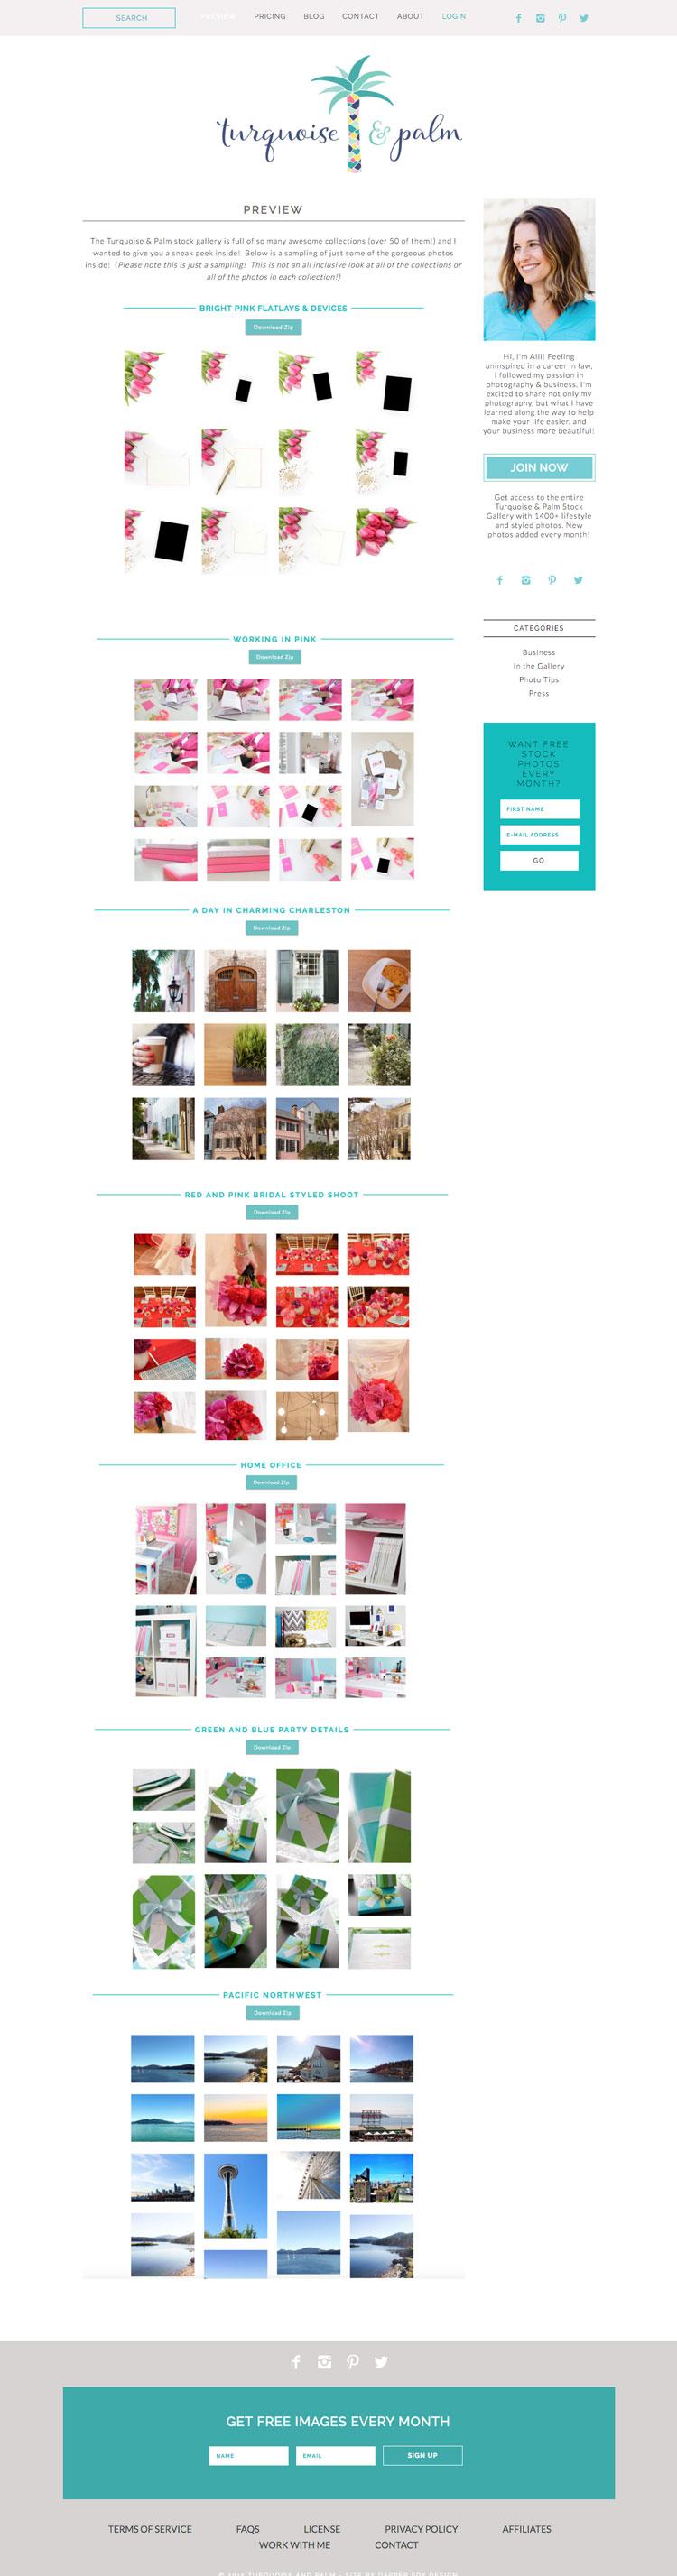 Photography Website Design by Dapper Fox